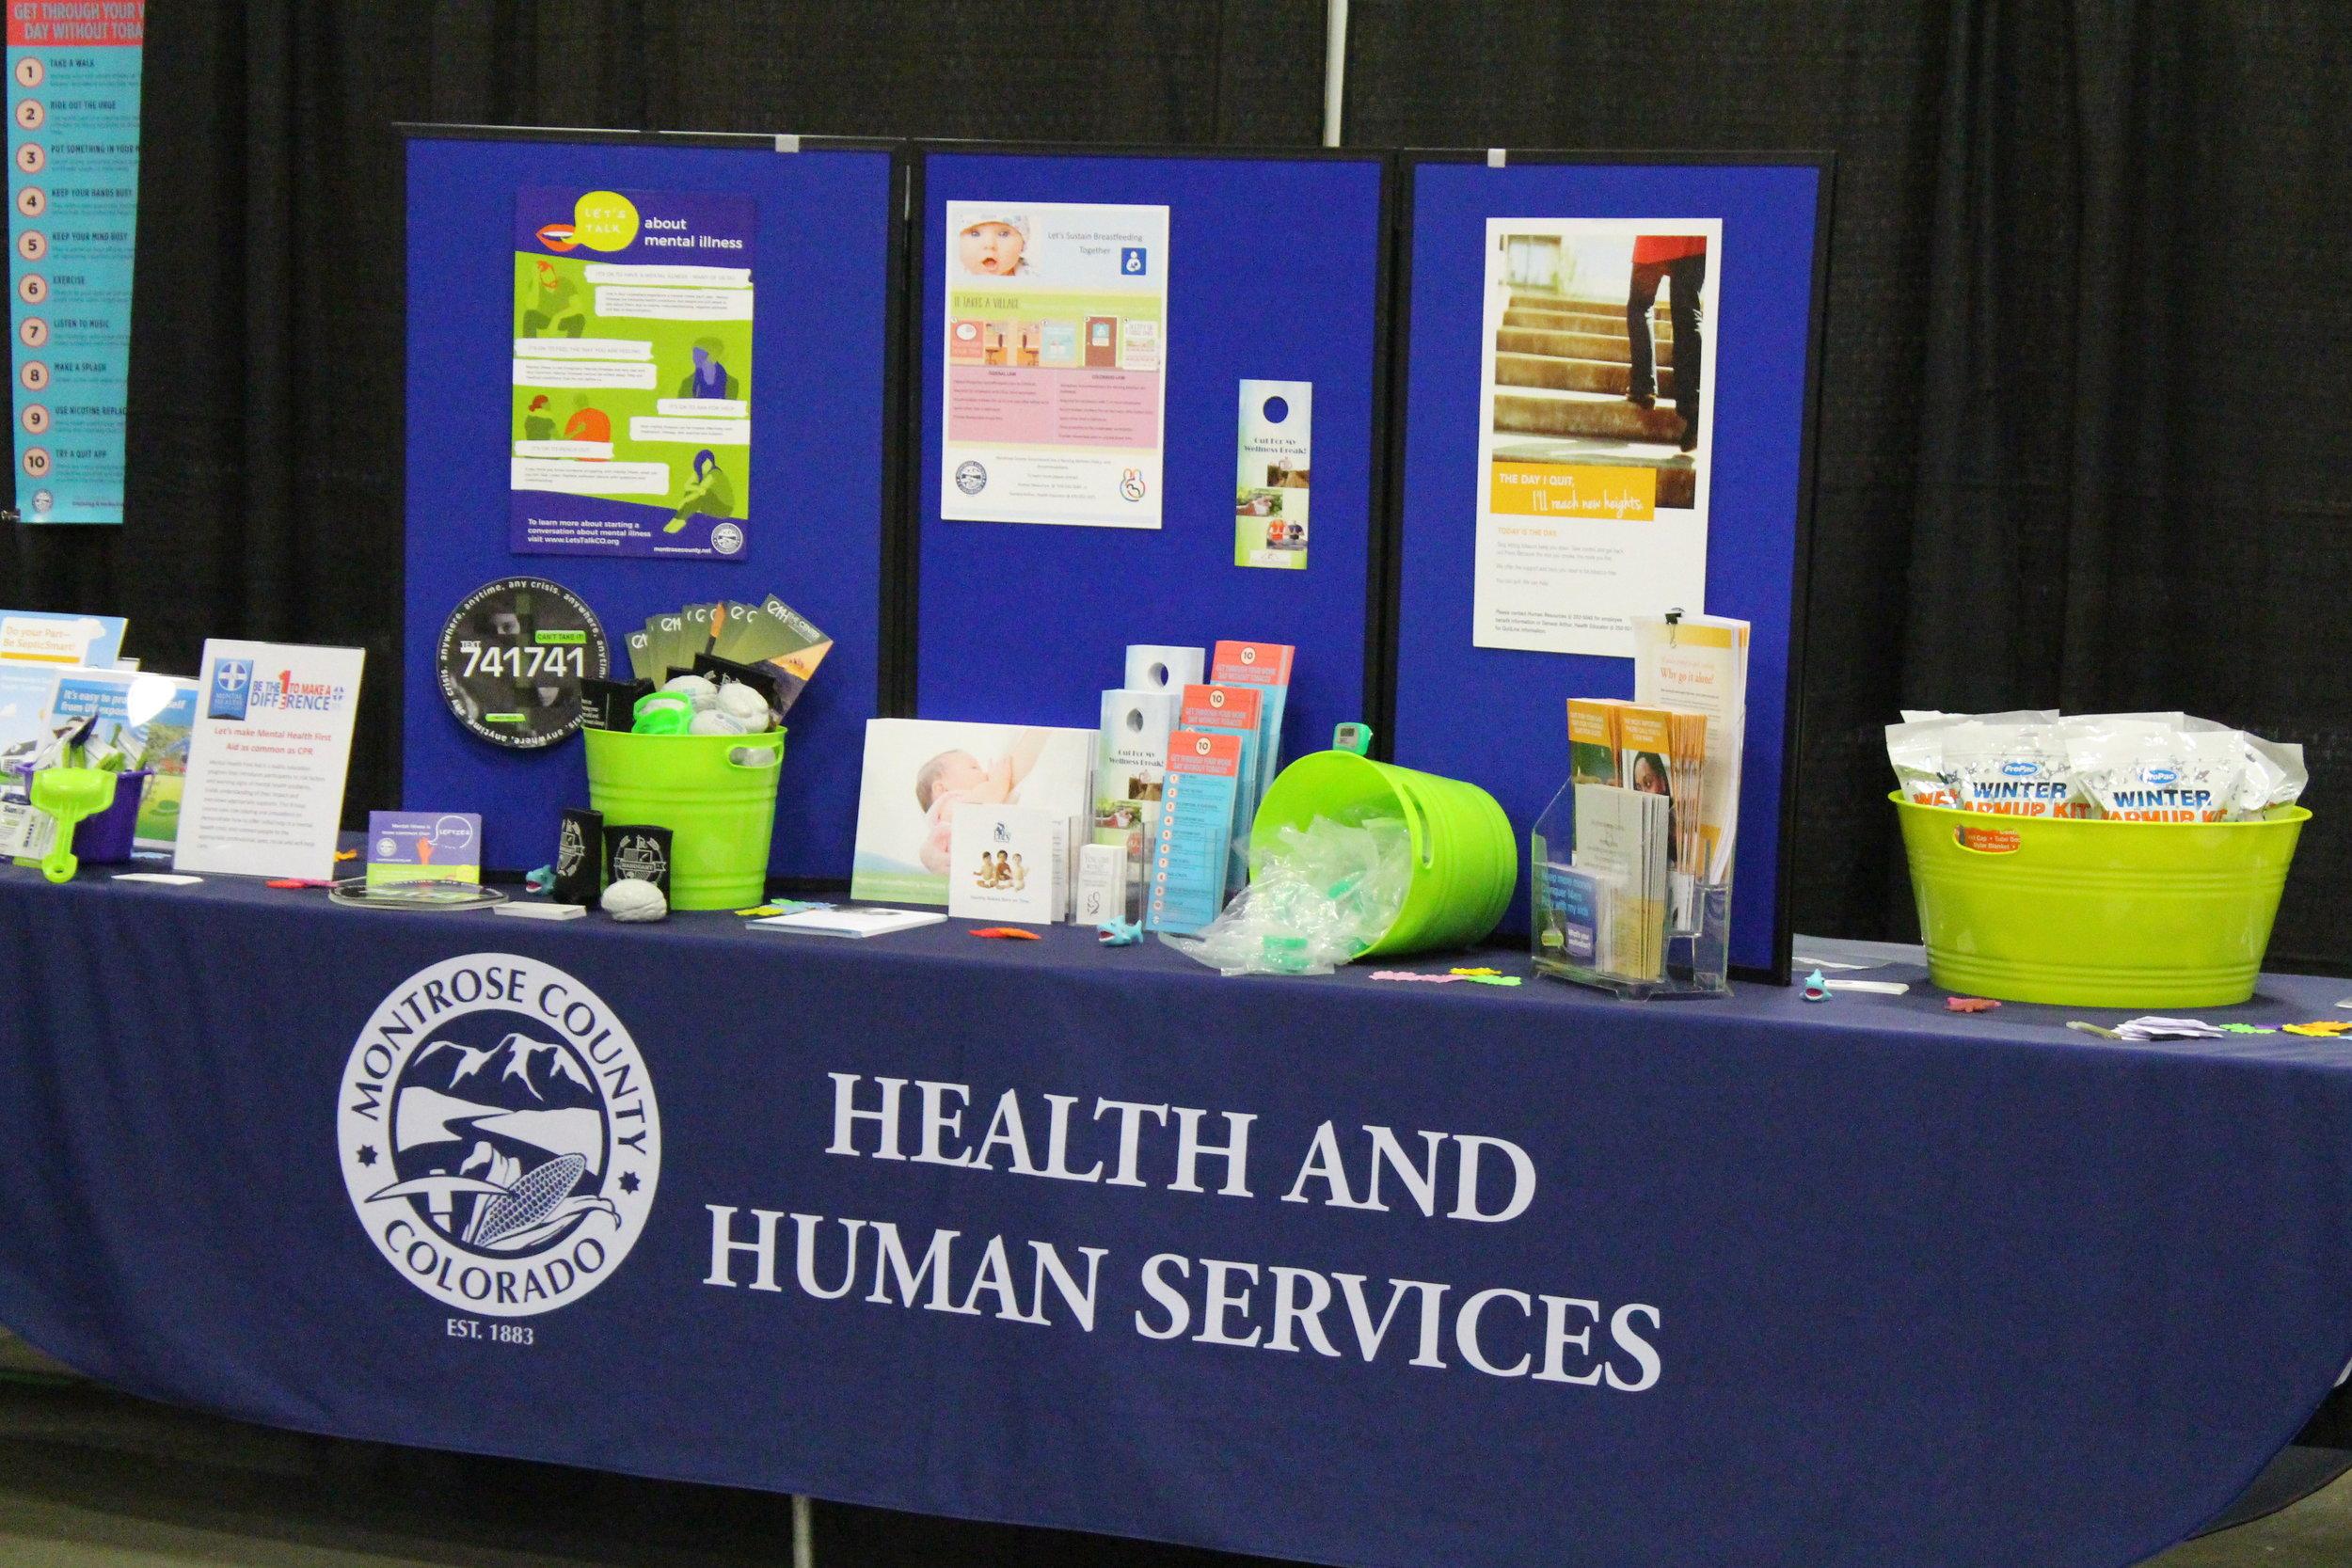 Montrose County Employee Wellness Fair